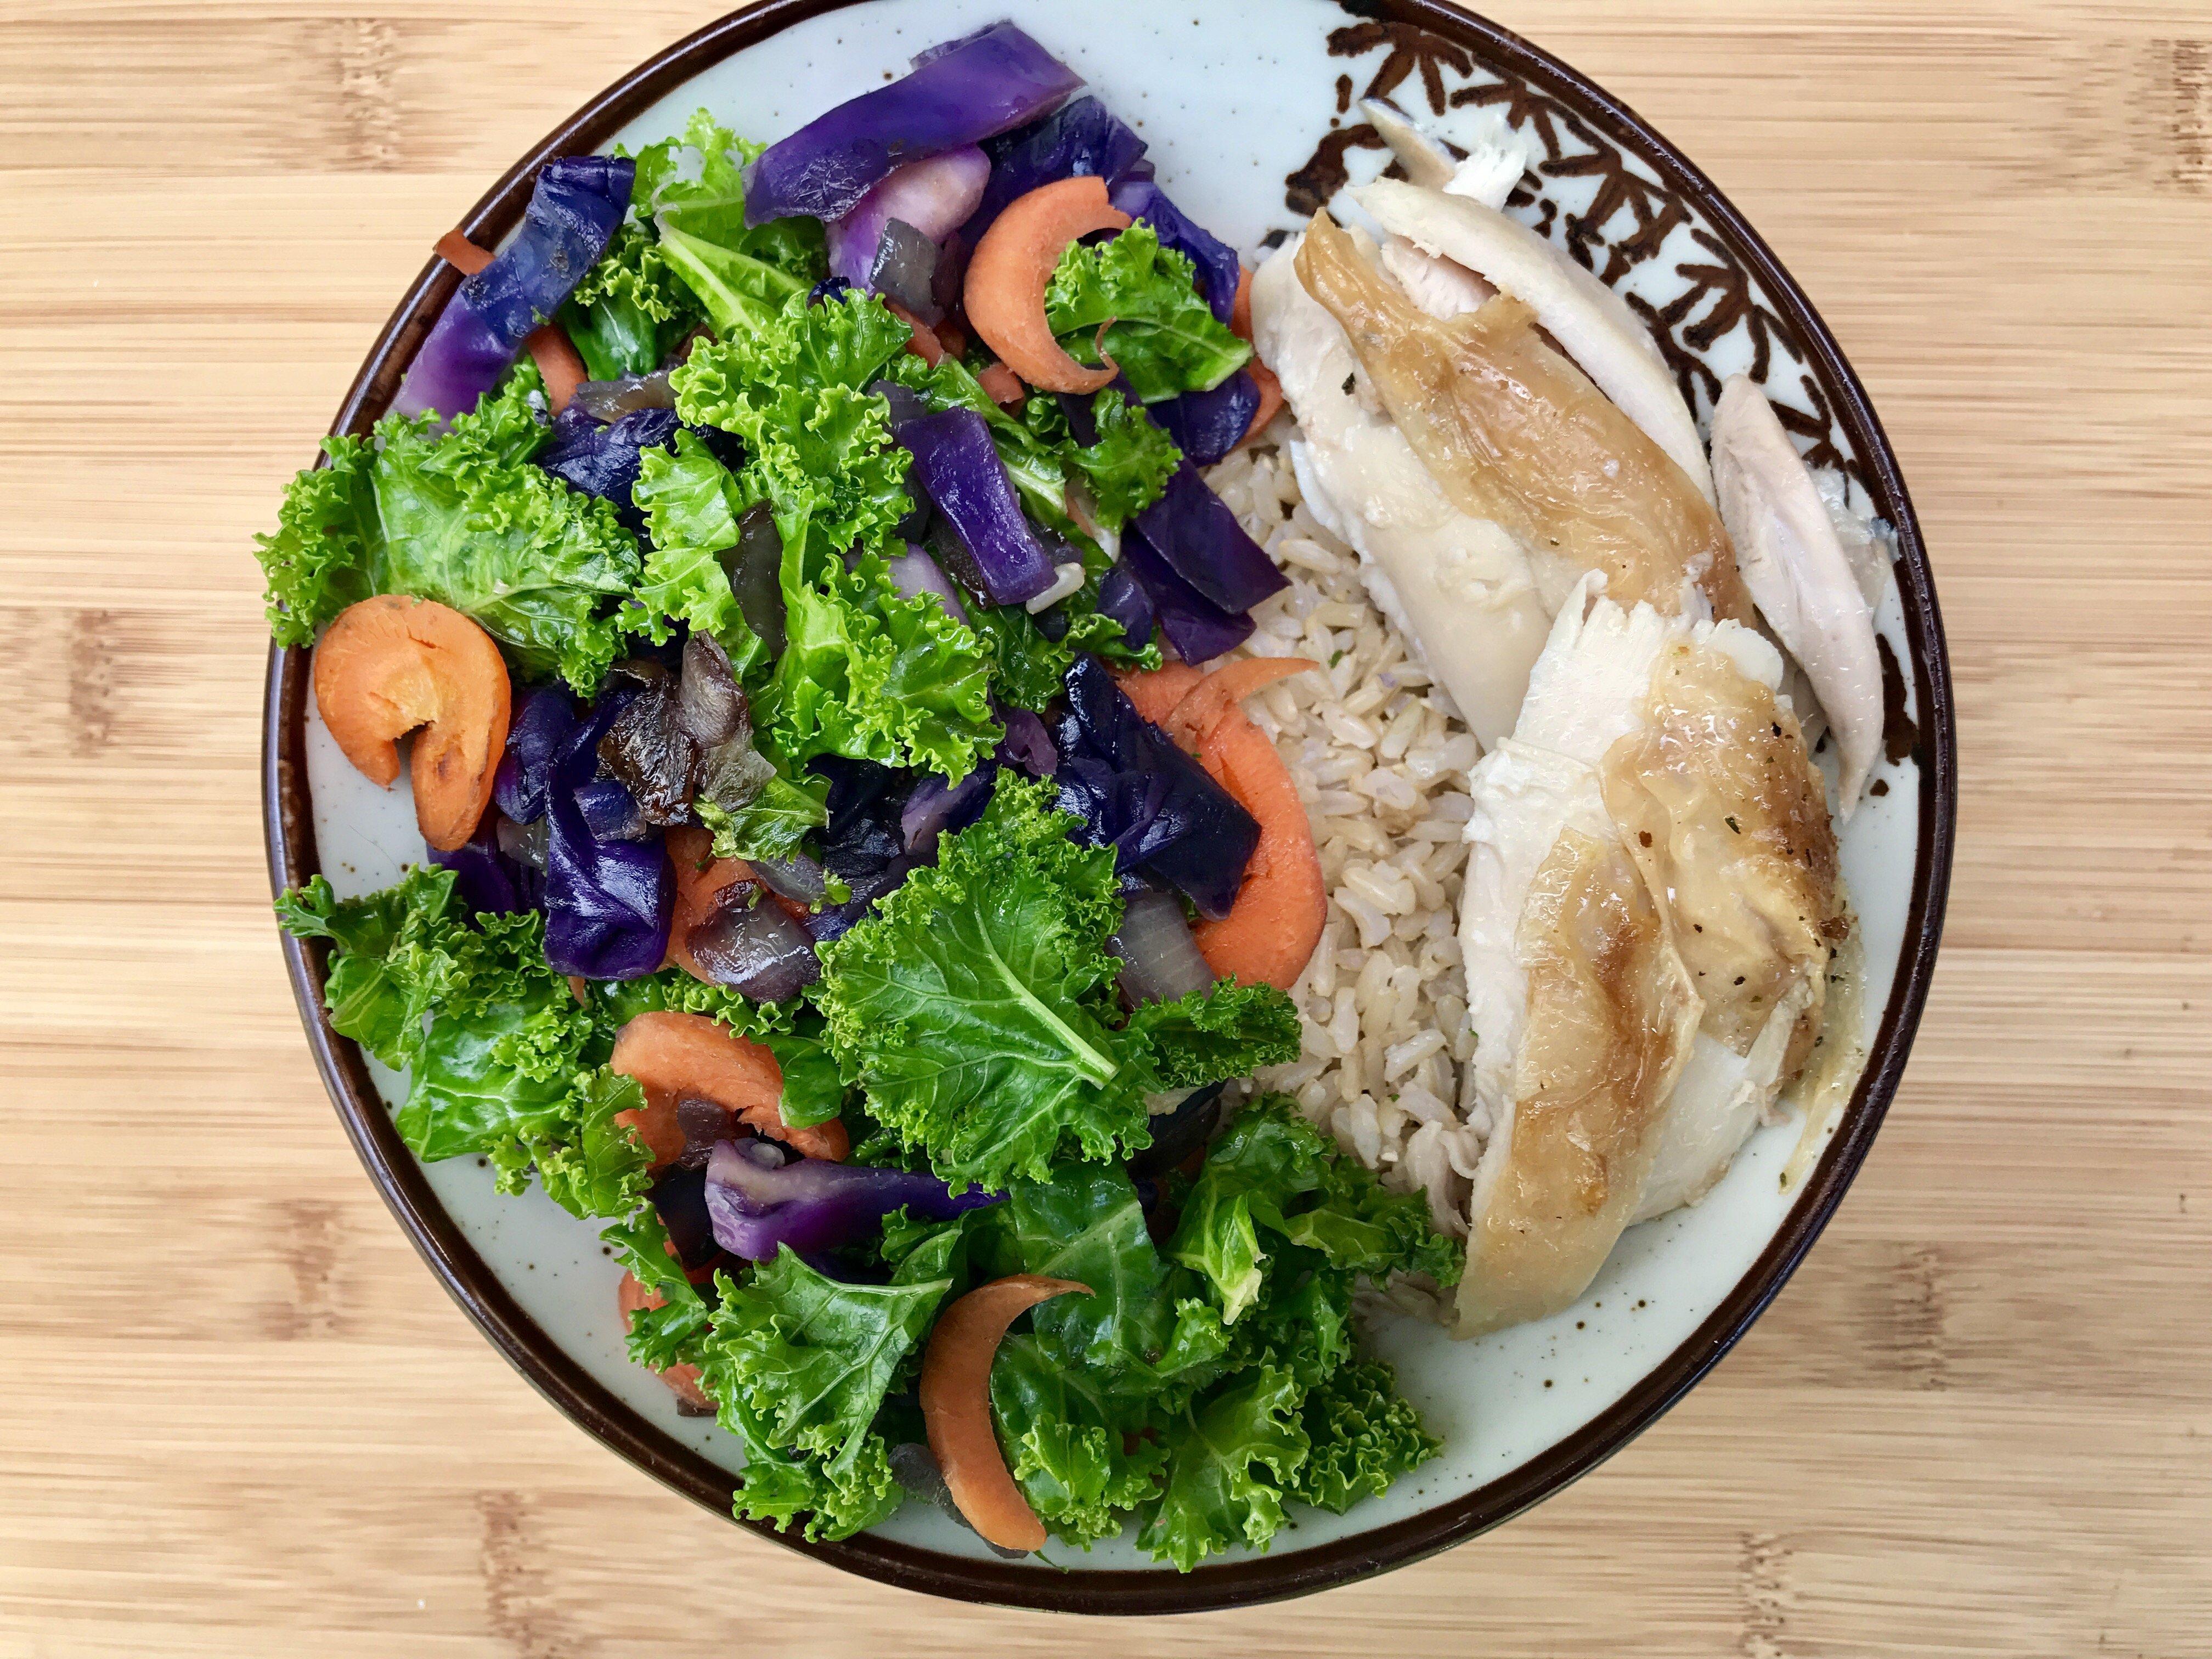 Rotisserie Chicken with Cabbage Kale Stir Fry